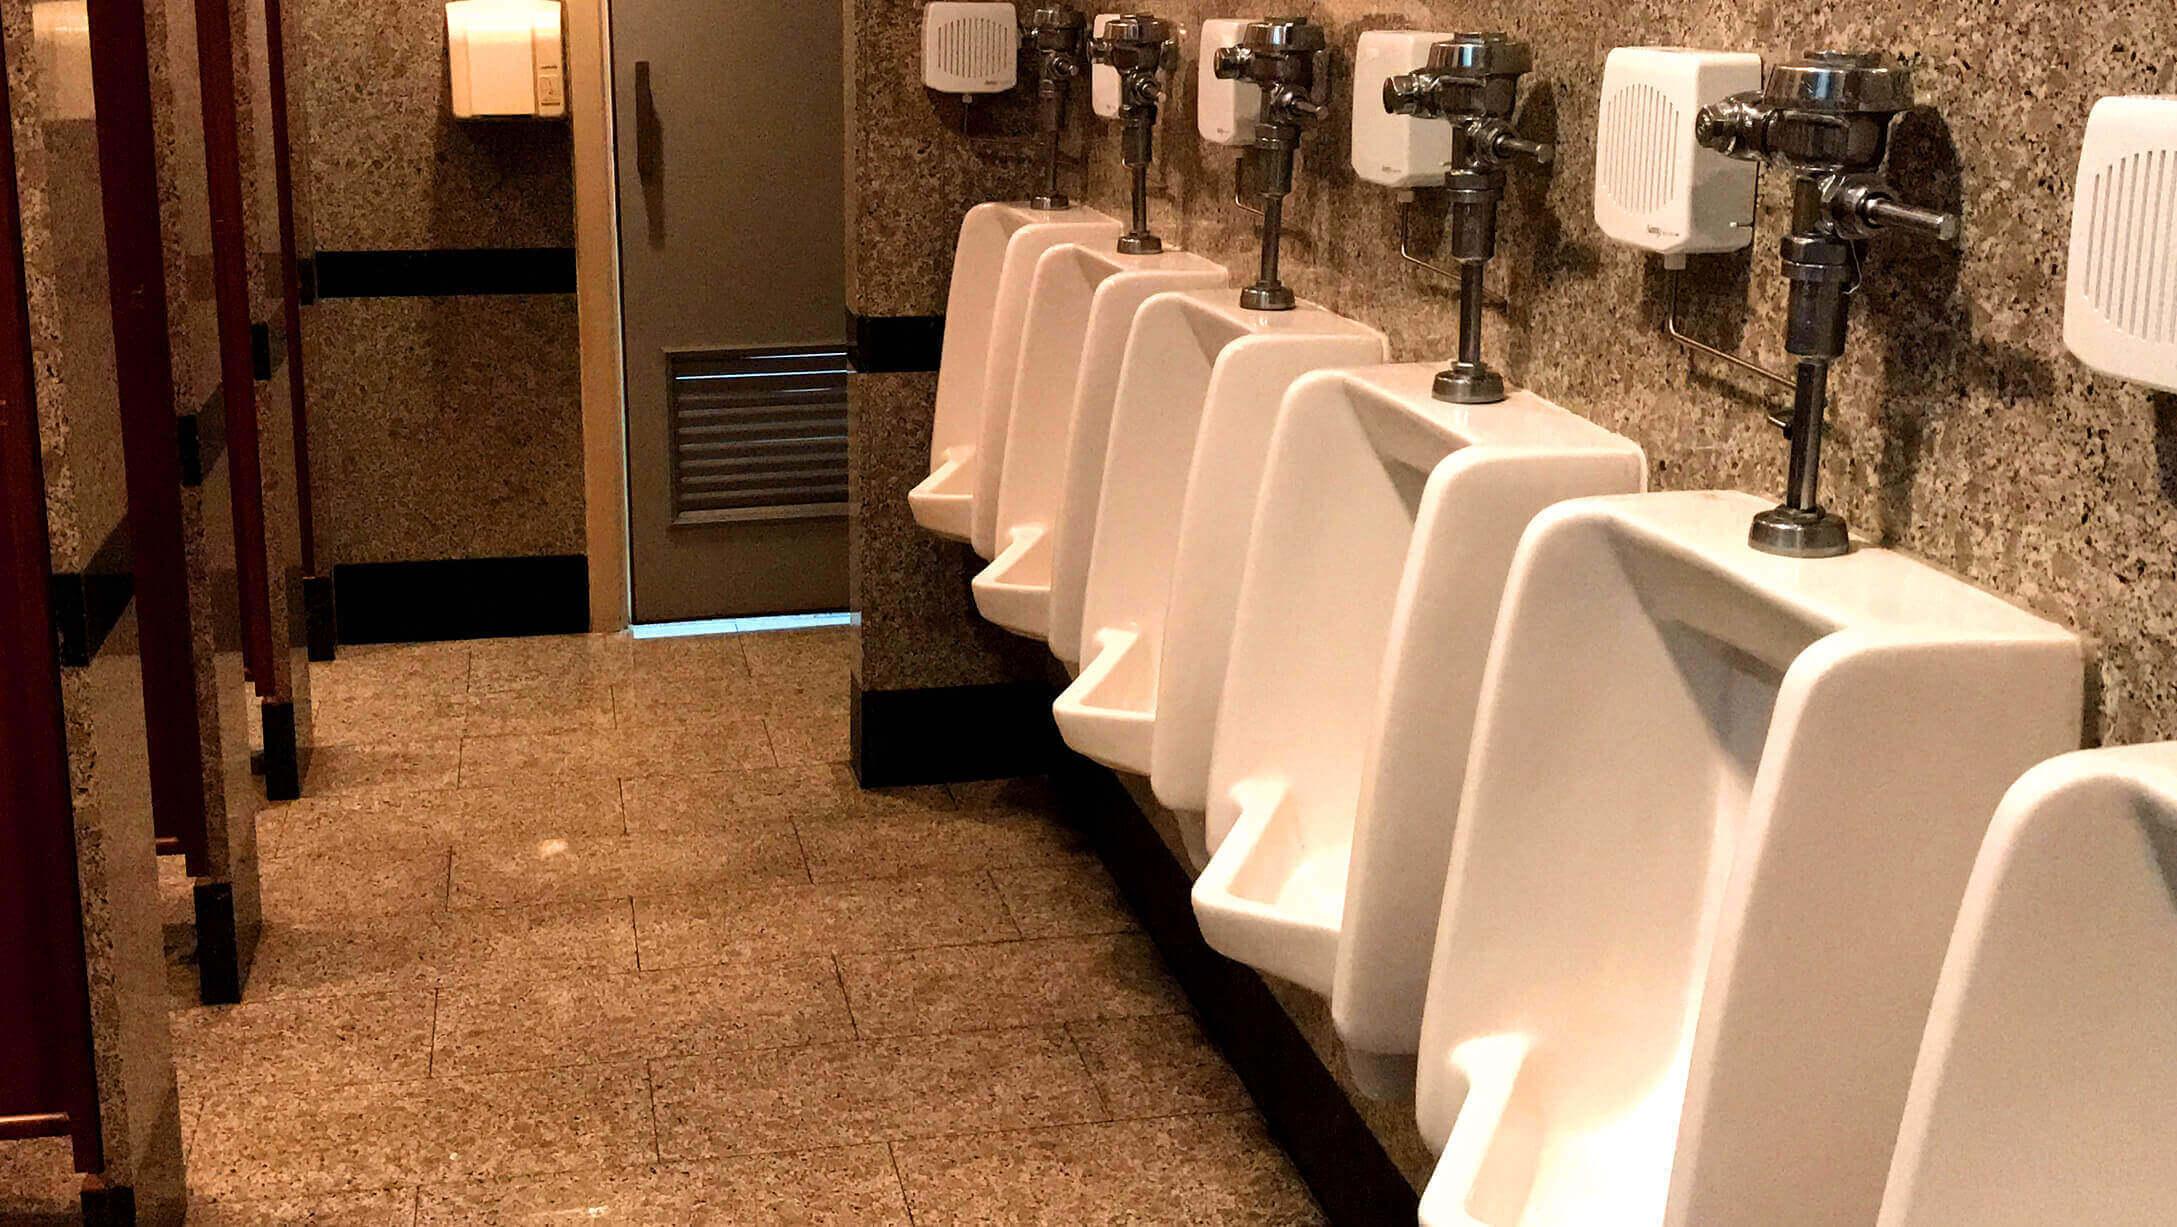 プルンチットオフィス物件M Thai Tower 男性トイレの様子